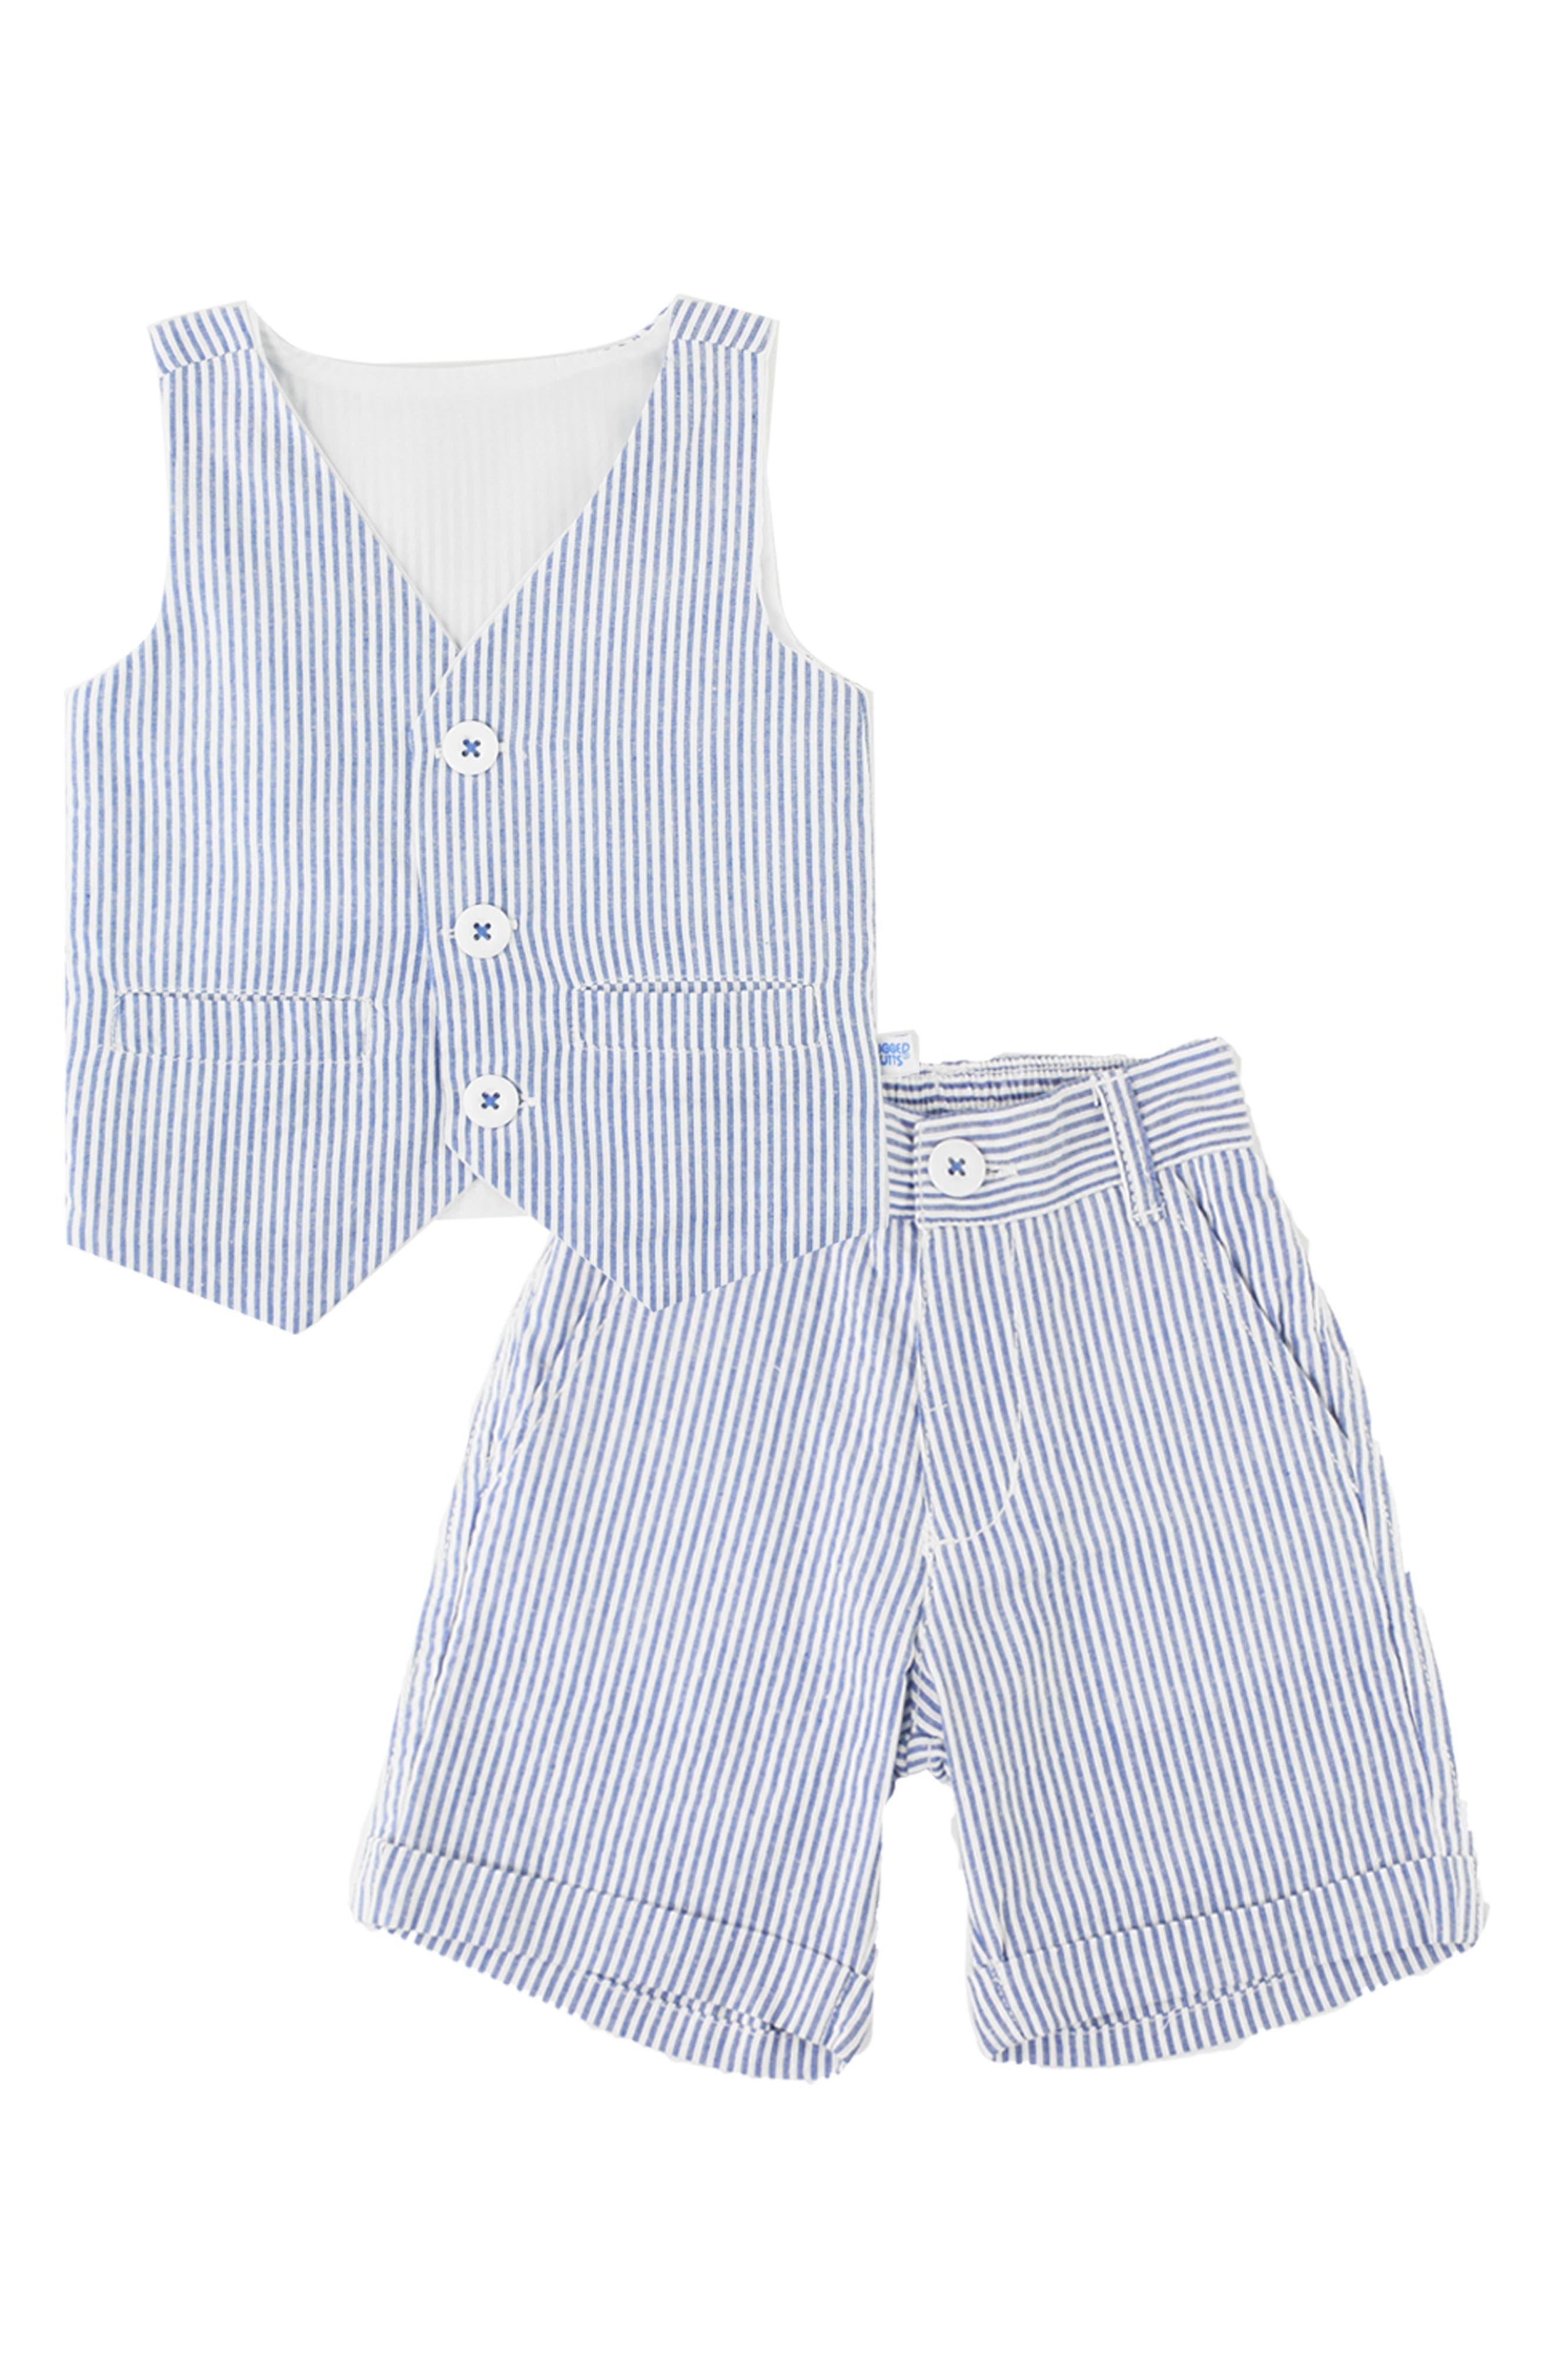 Seersucker Vest & Shorts Set,                             Main thumbnail 1, color,                             BLUE